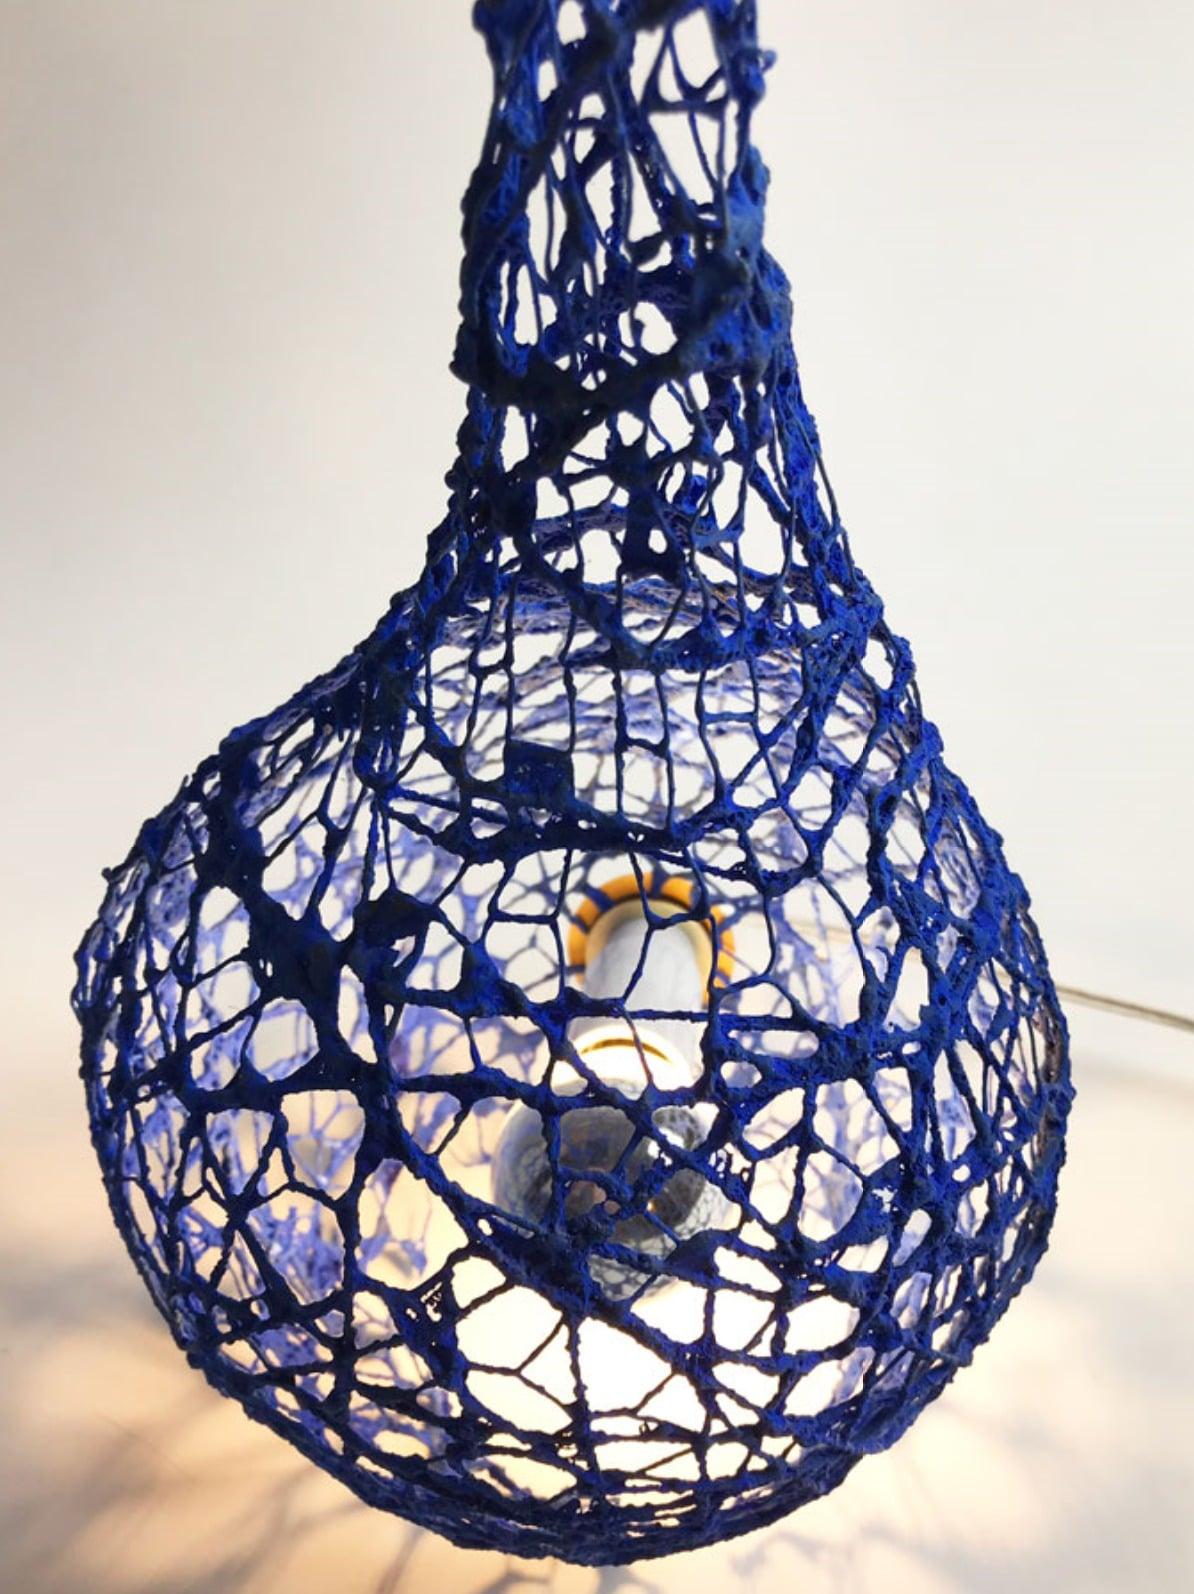 Détail d'une robe en soie sauvage et céramique de Sandrine Ramona